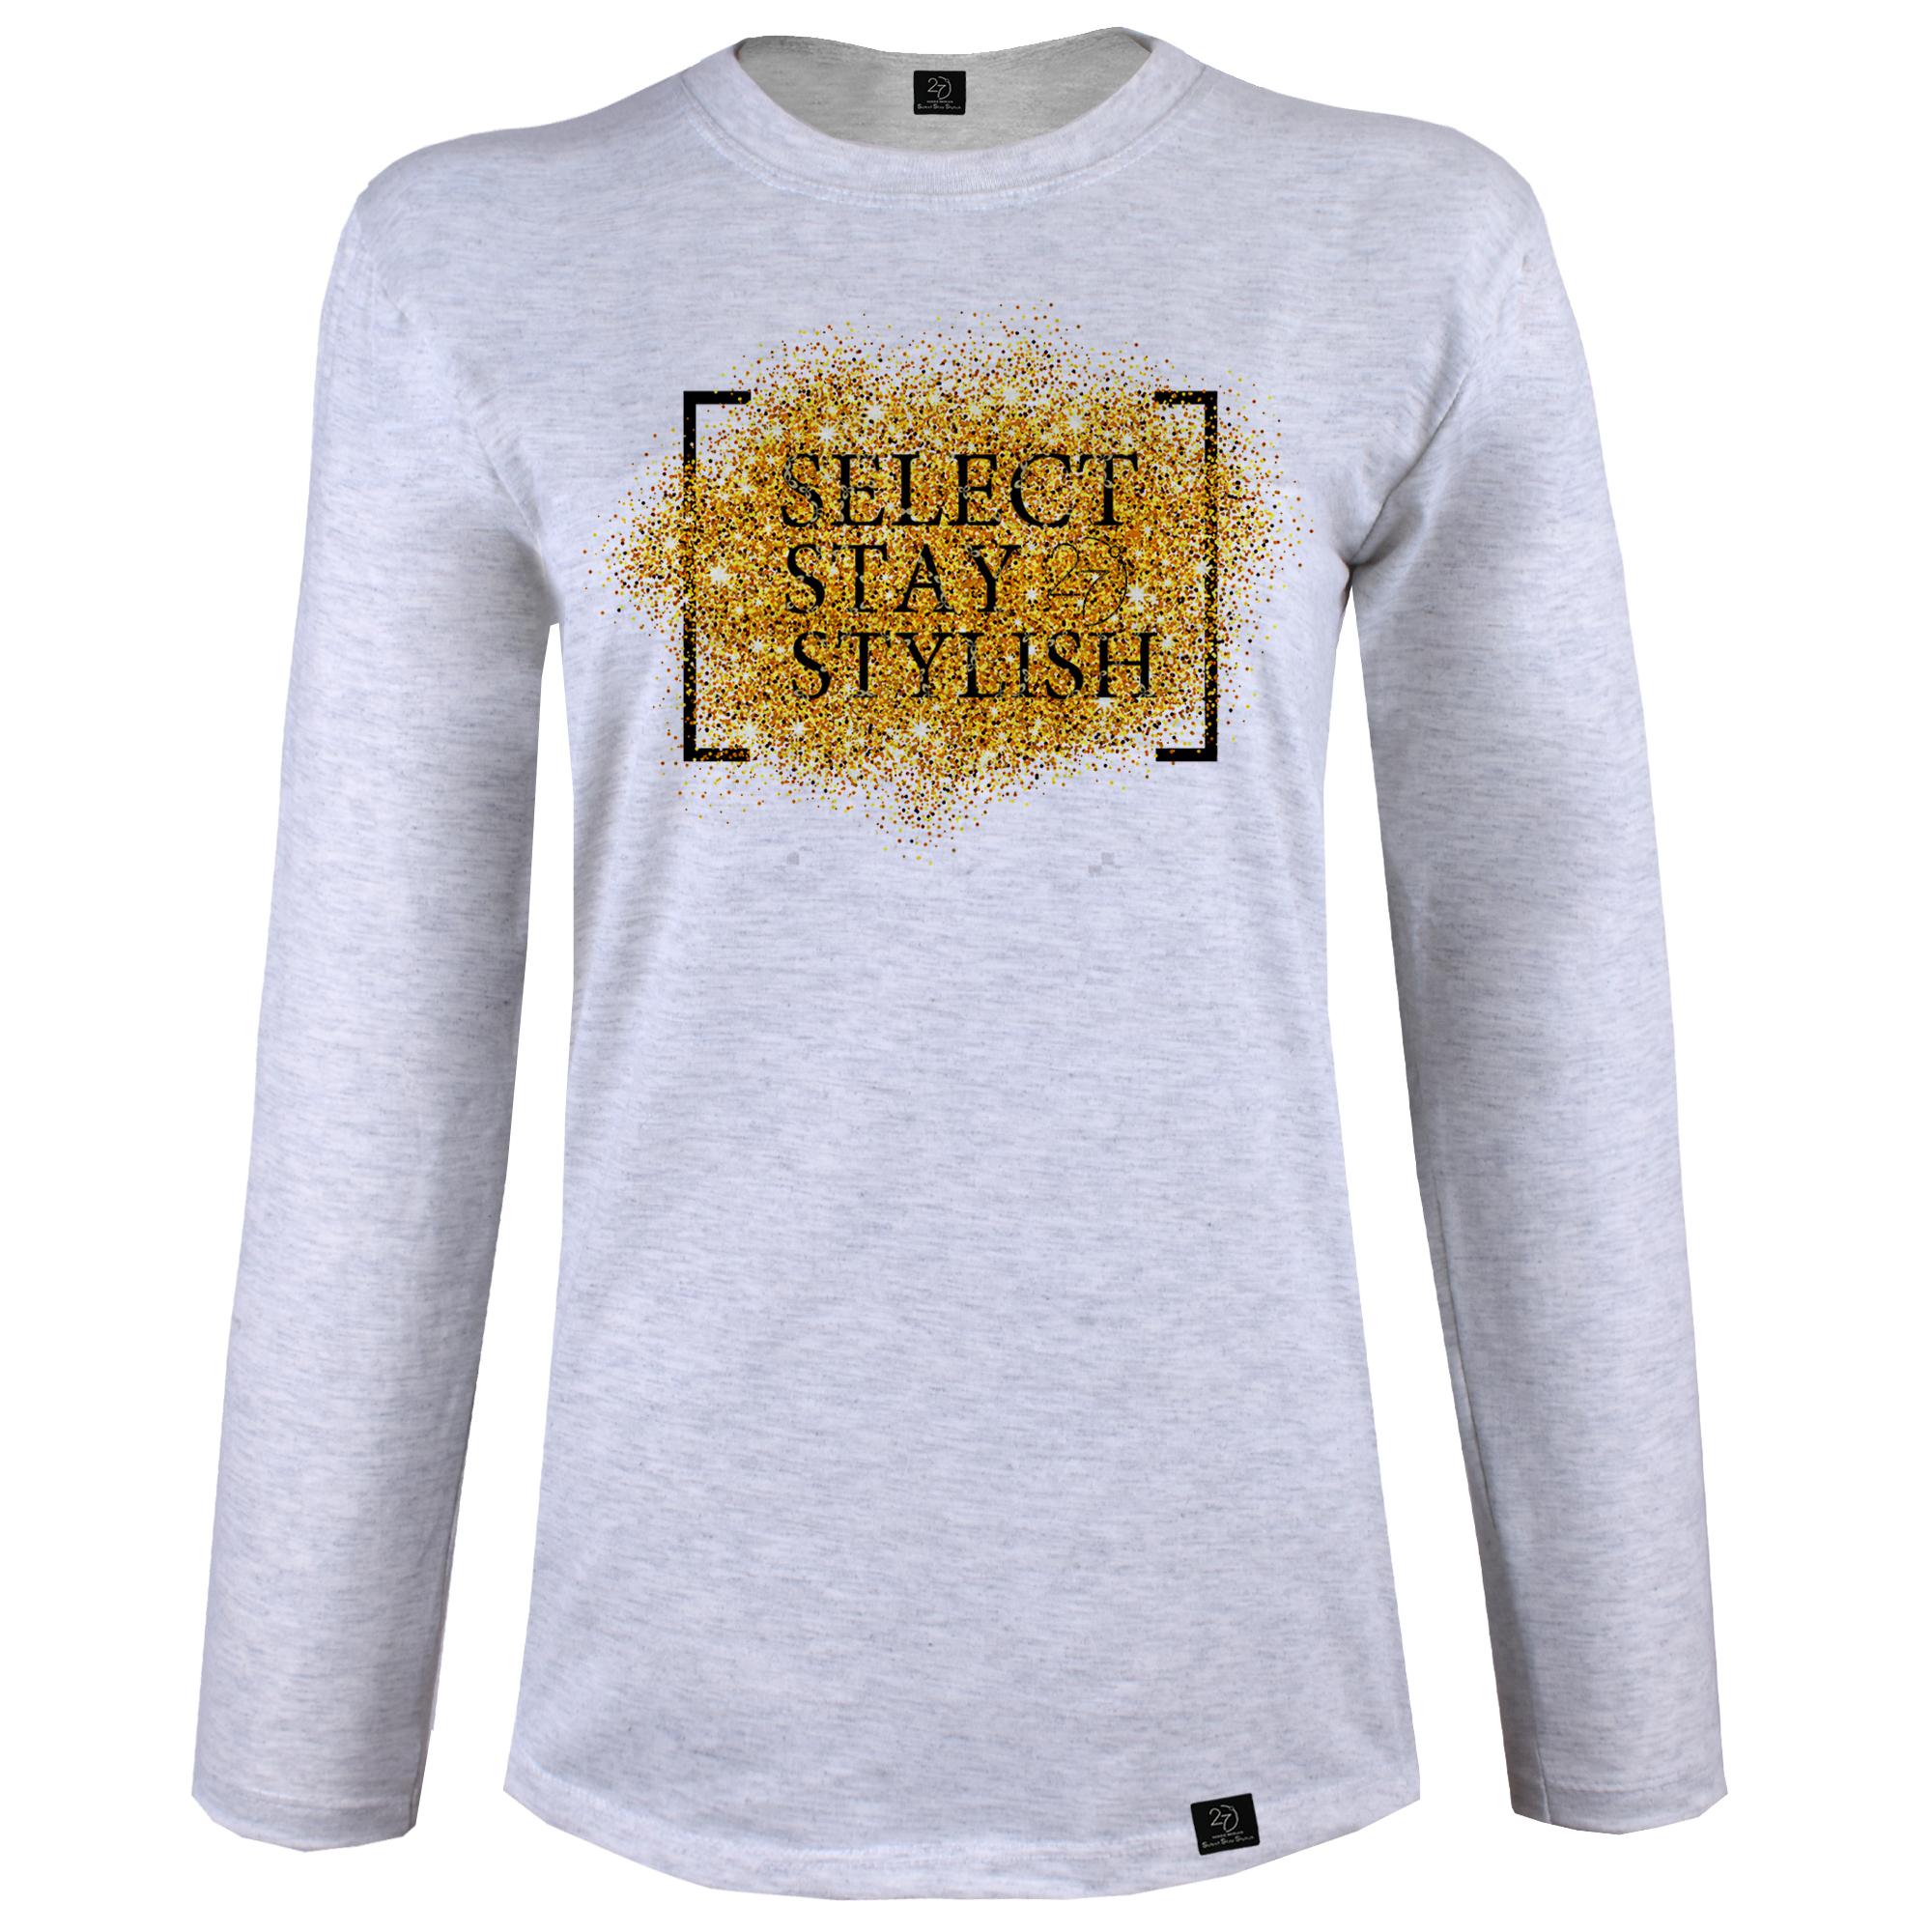 تی شرت آستین بلند زنانه 27 طرح SELECT STAY STYLISH کد J06 رنگ طوسی روشن